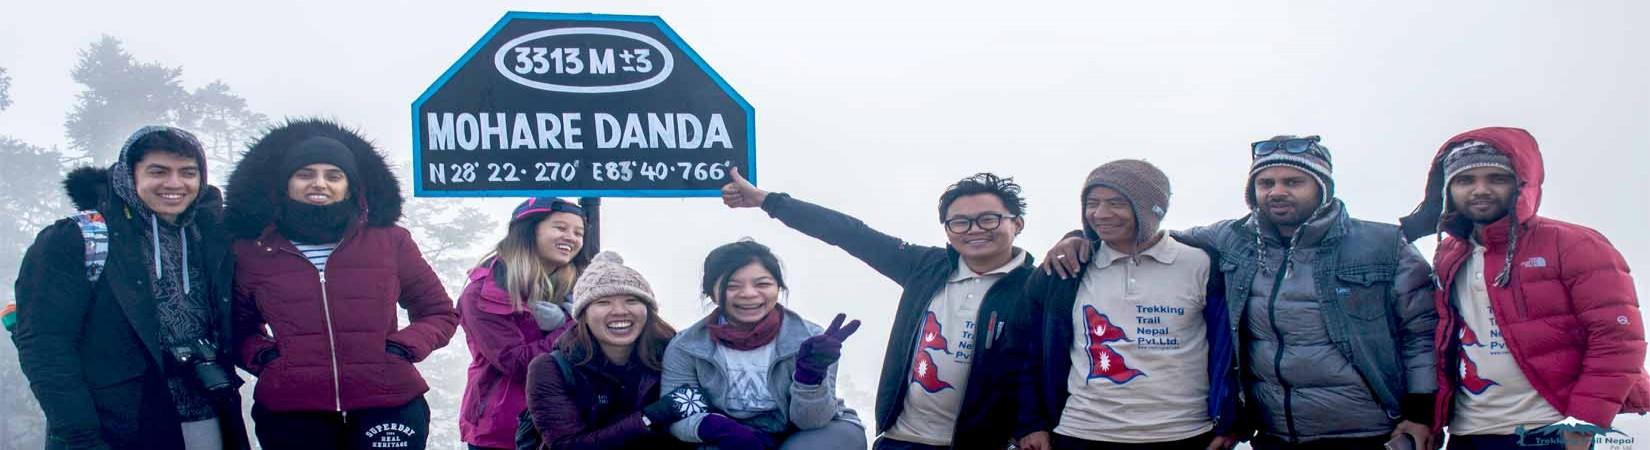 mohare-danda-trekkking-december